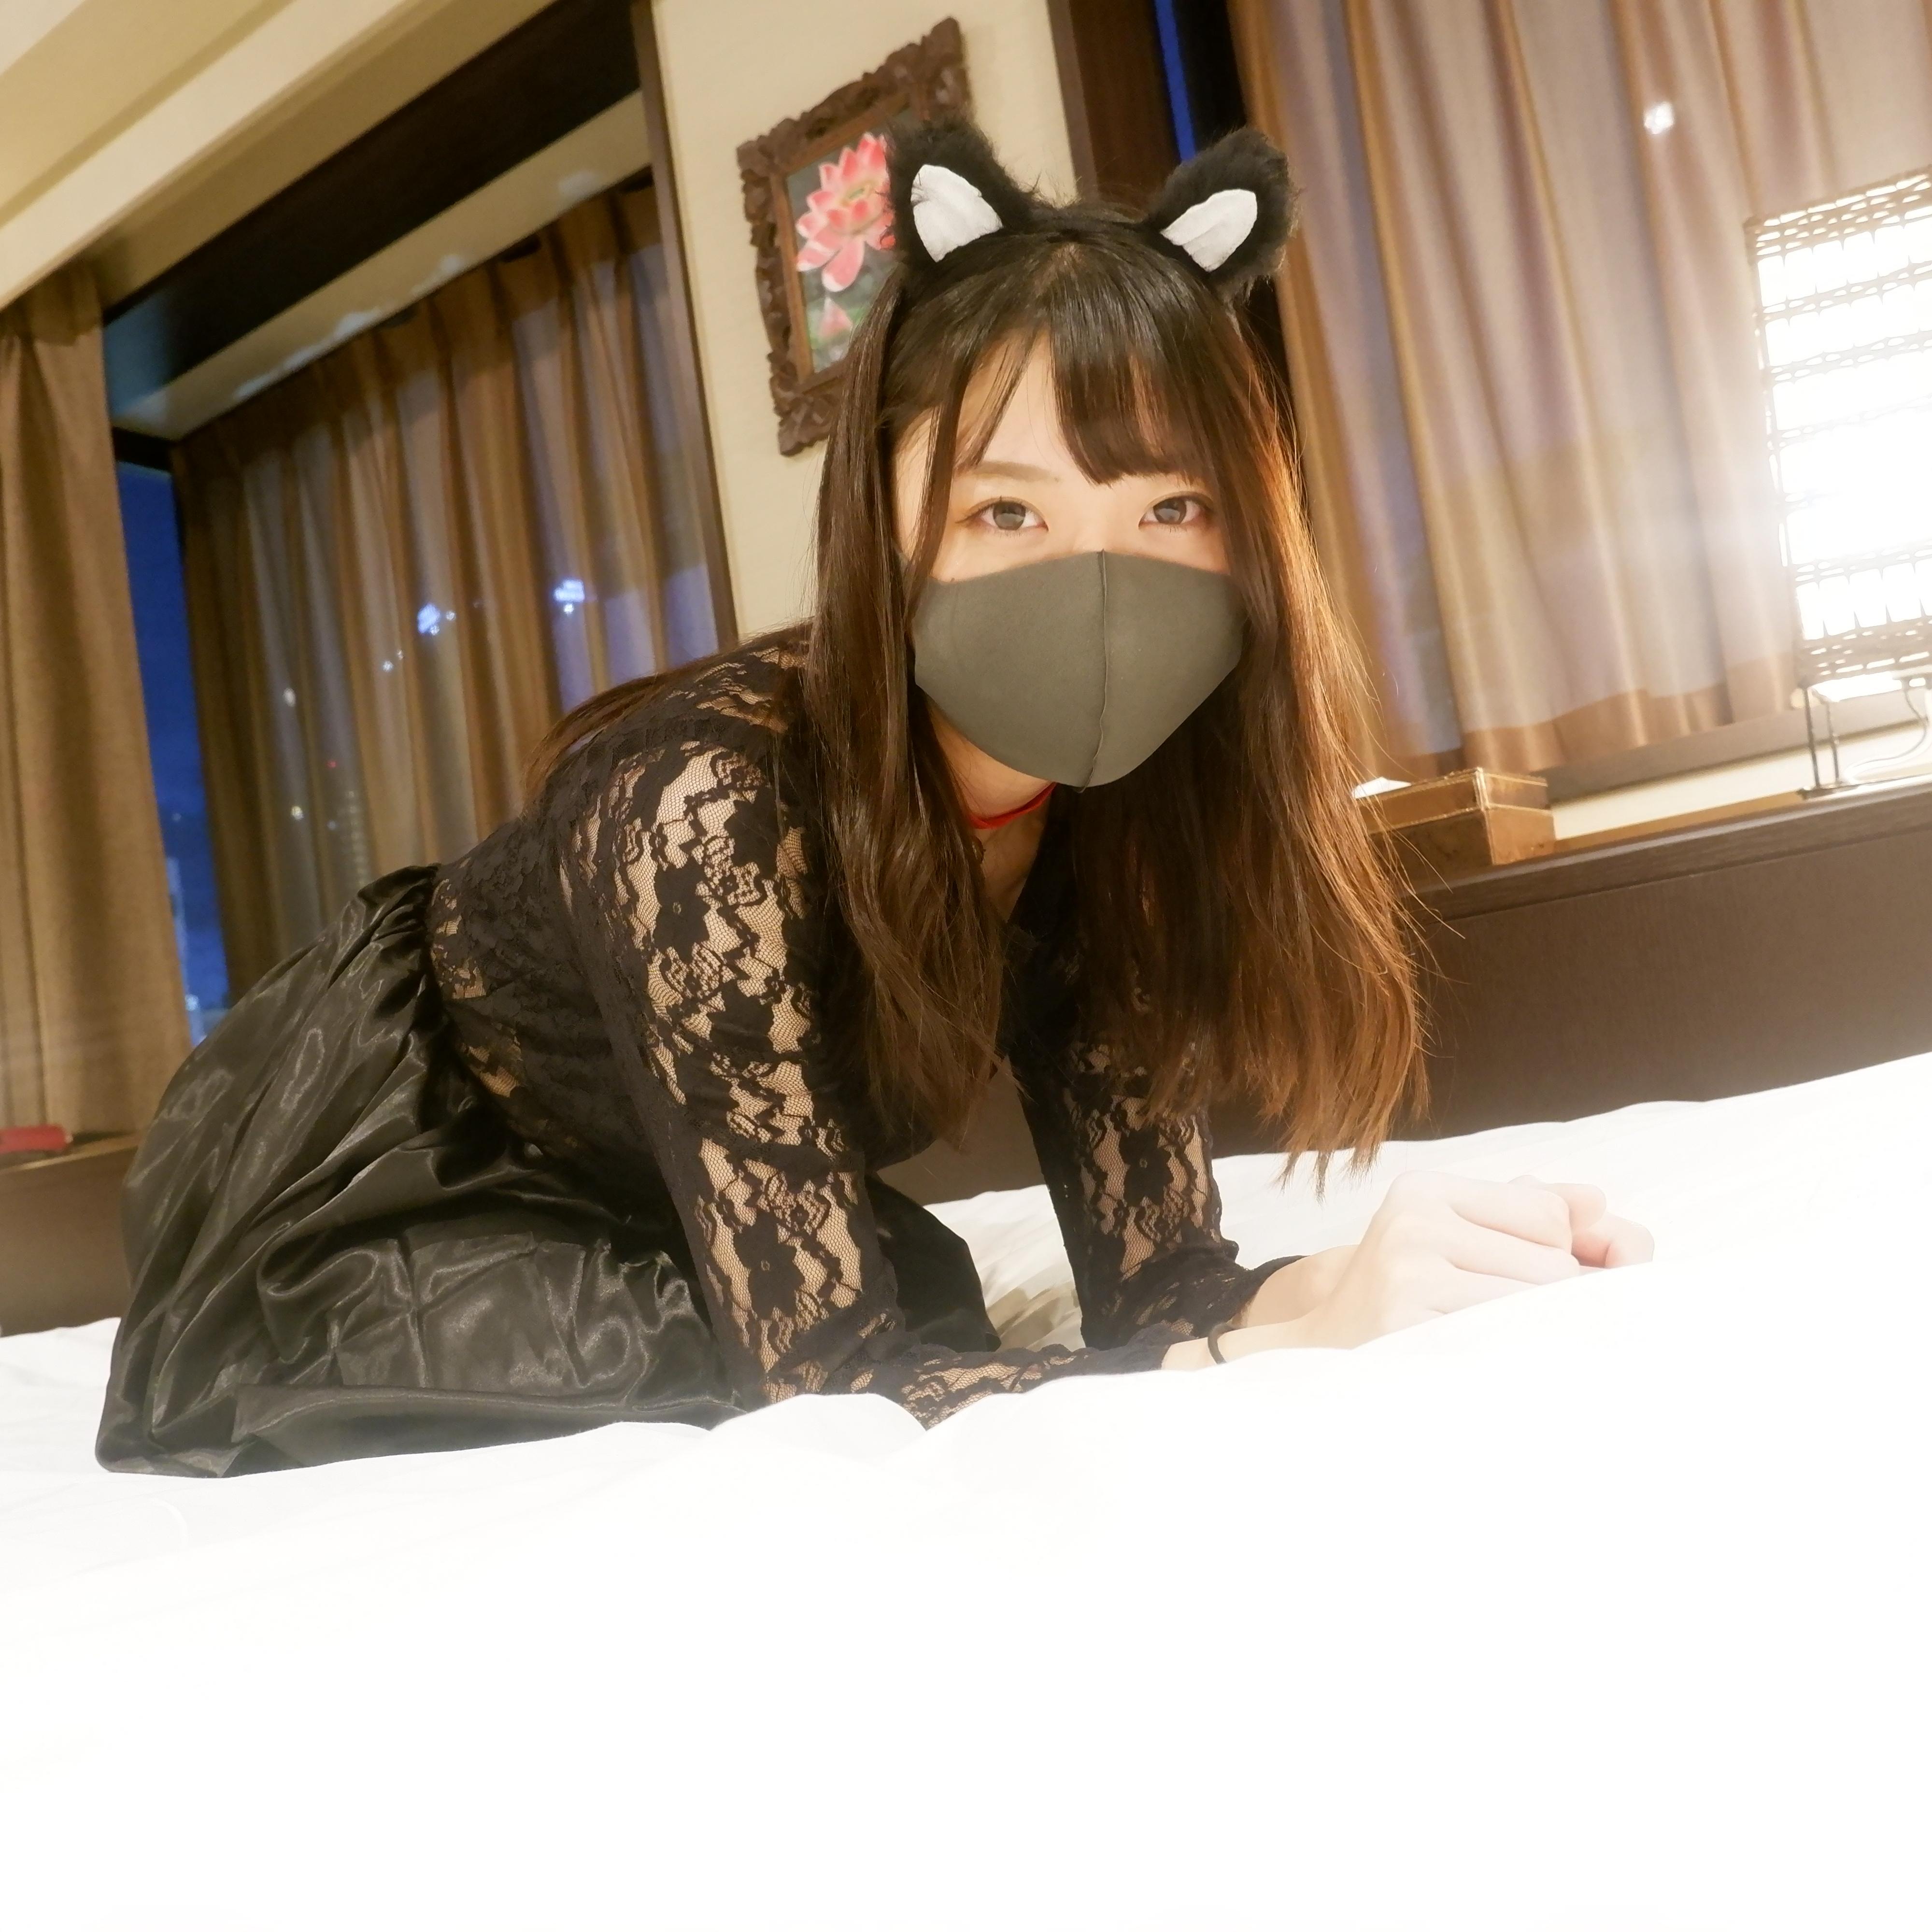 えりかちゃん第2弾!!手コキからのフェラごっくん!次回作の予告も含めての感謝価格980pt!!!